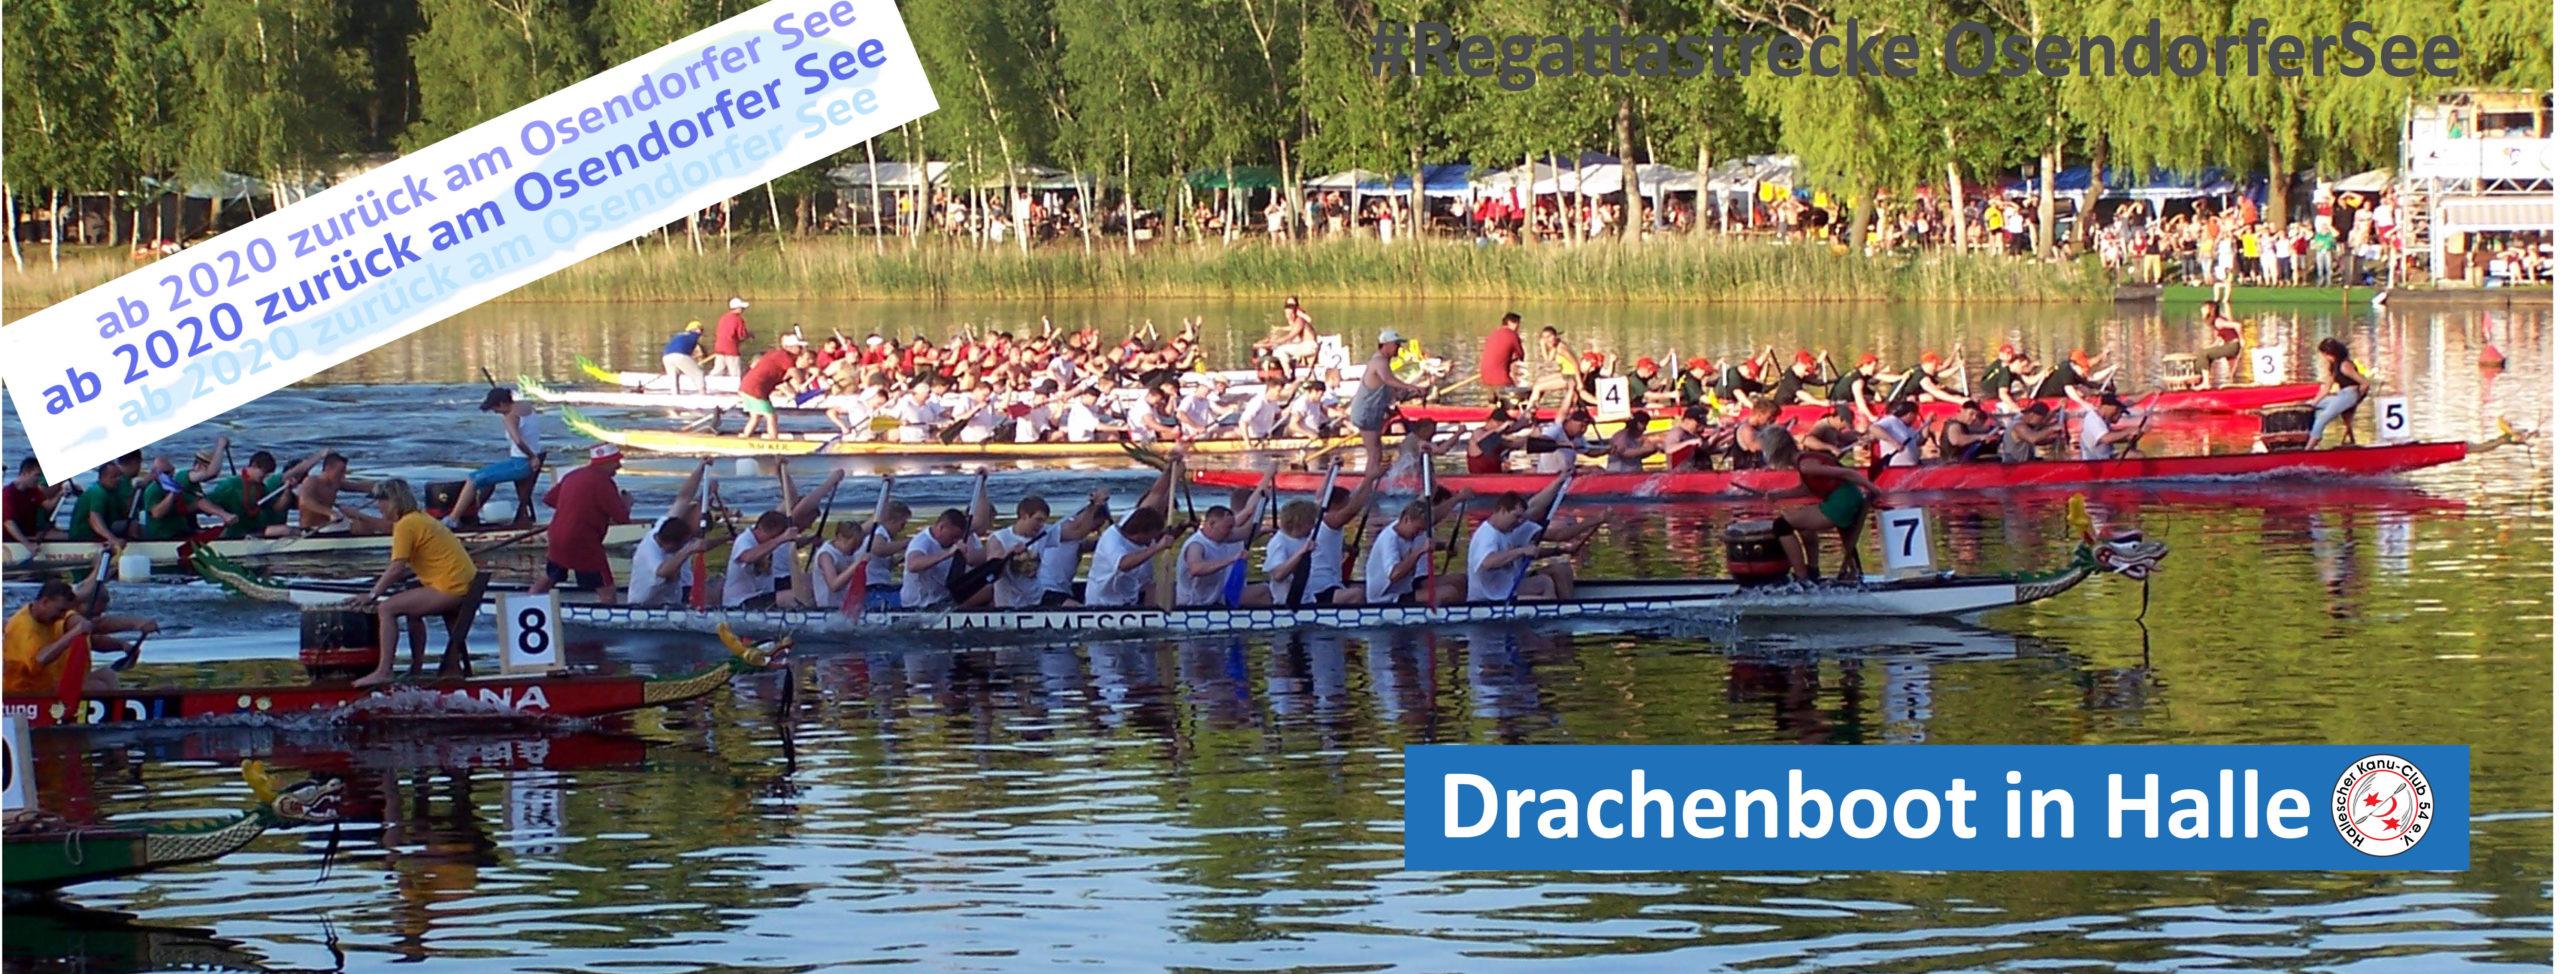 20. Hallesches Drachenbootrennen am 11.07.2020- AUF DEM OSENDORFER SEE